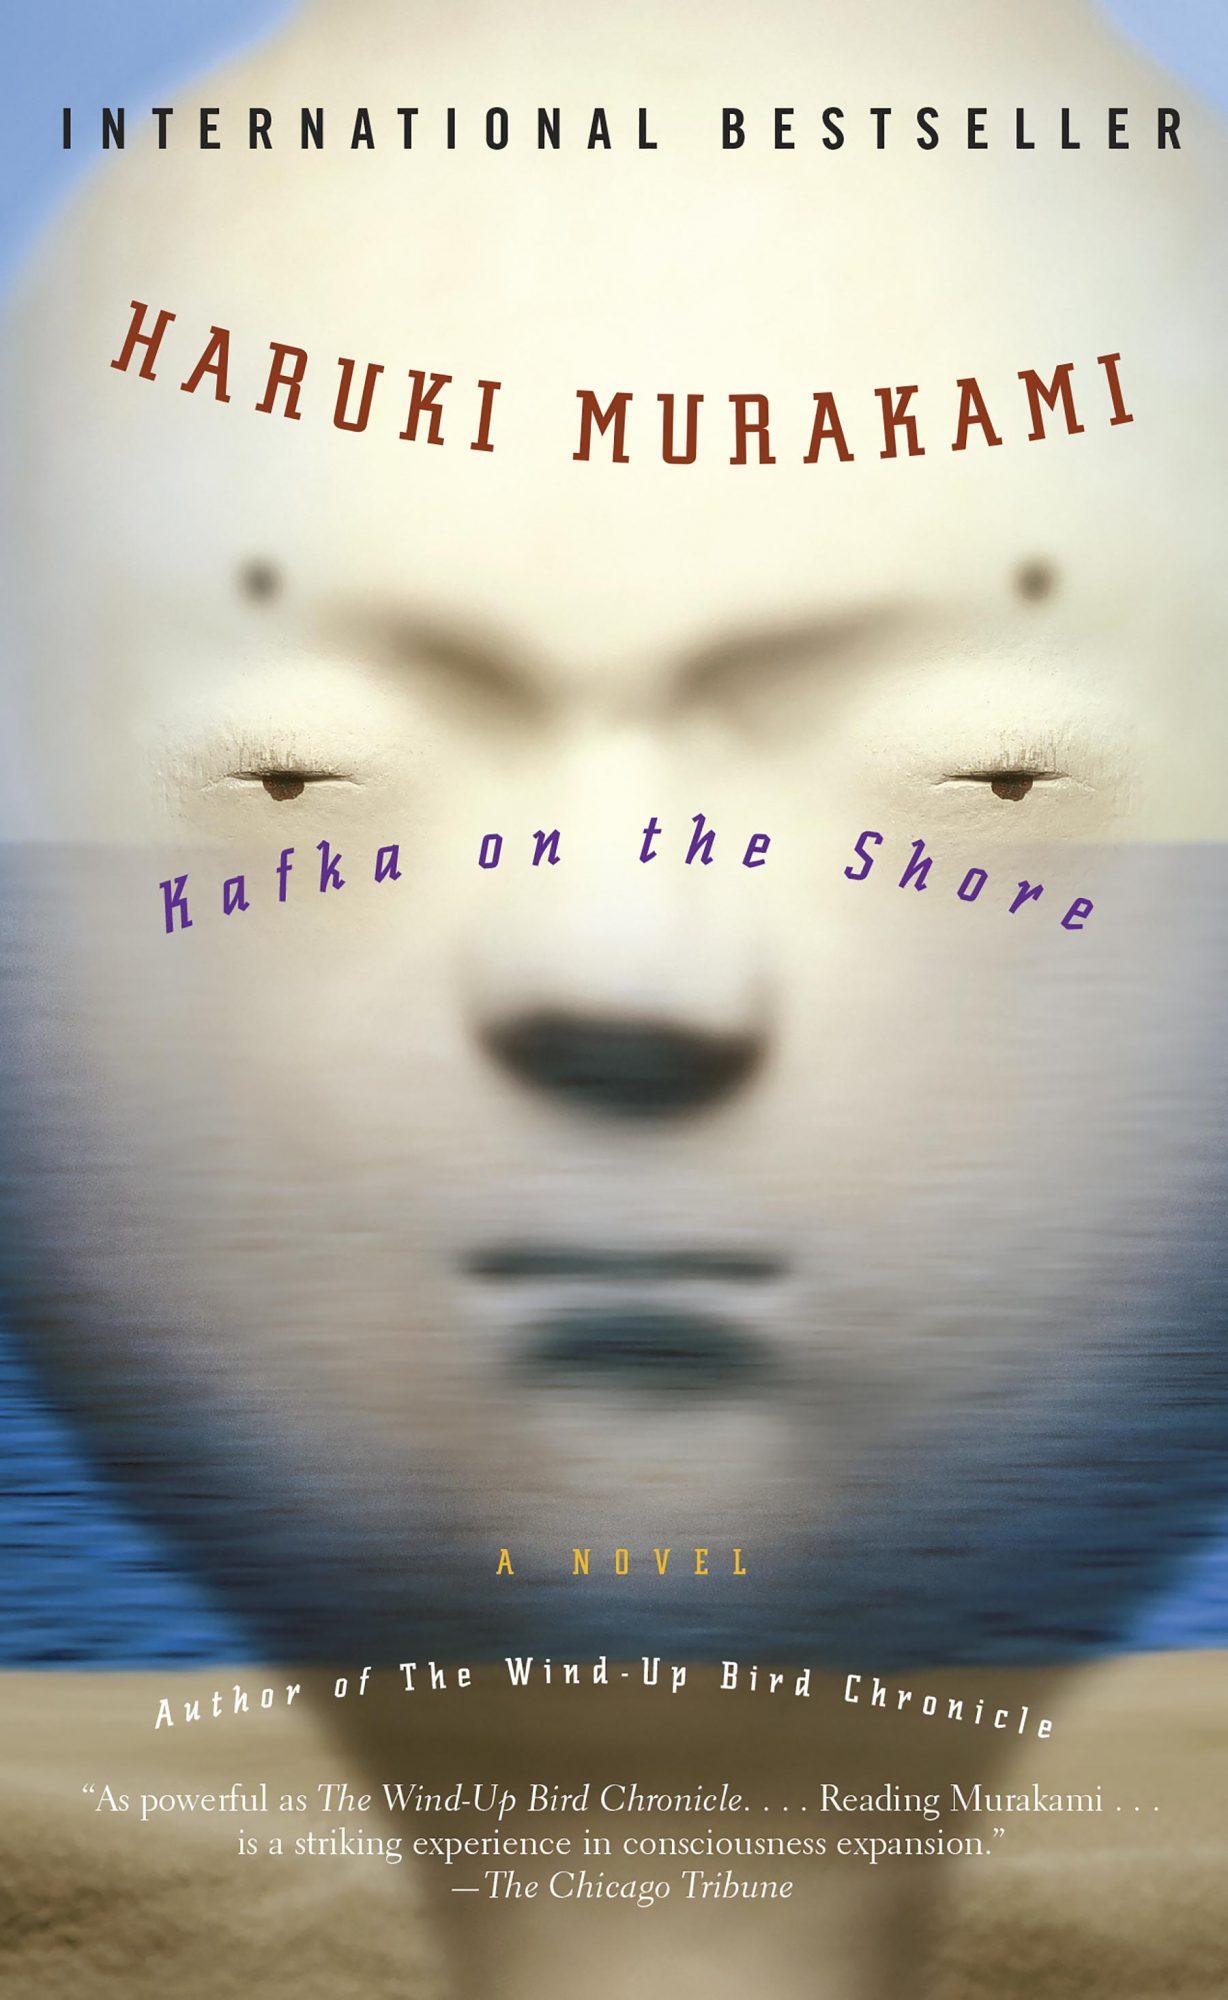 Kafka on the Shore by Haruki Murakami CR: Penguin Random House